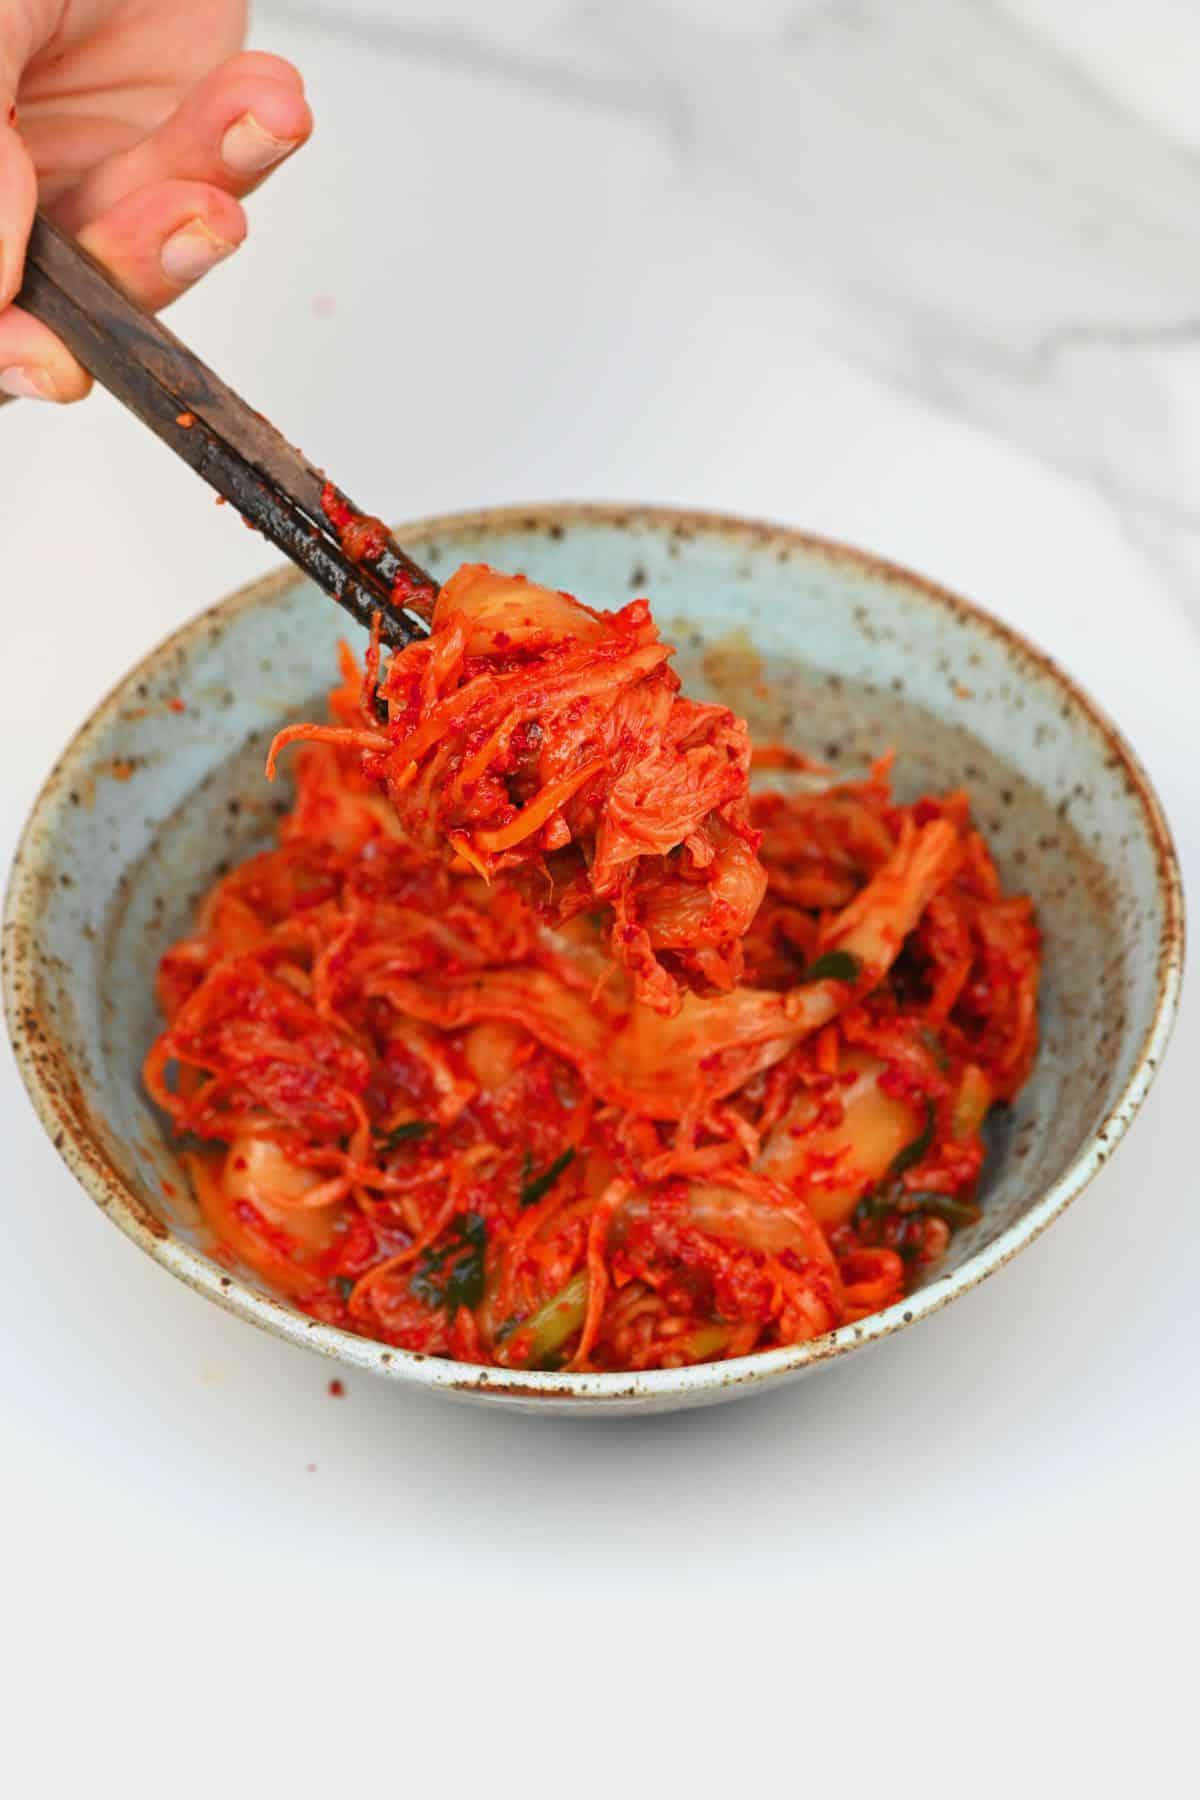 Plating kimchi